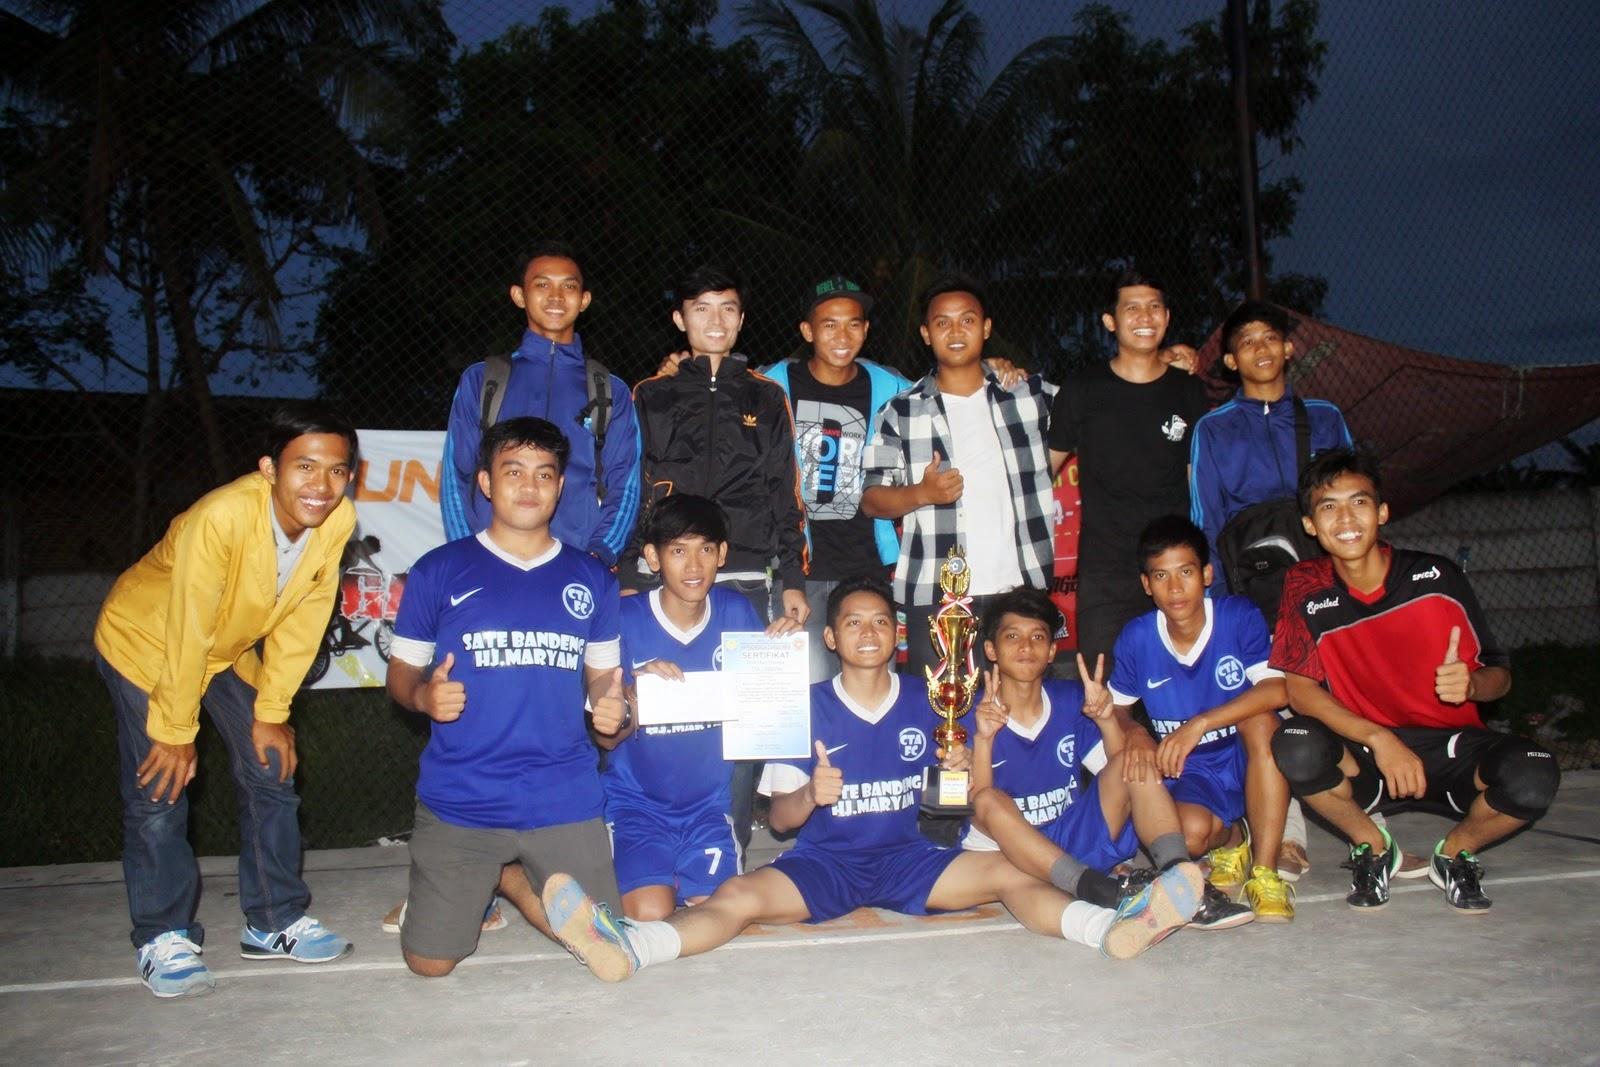 Juara Lomba Futsal Unsera Cup